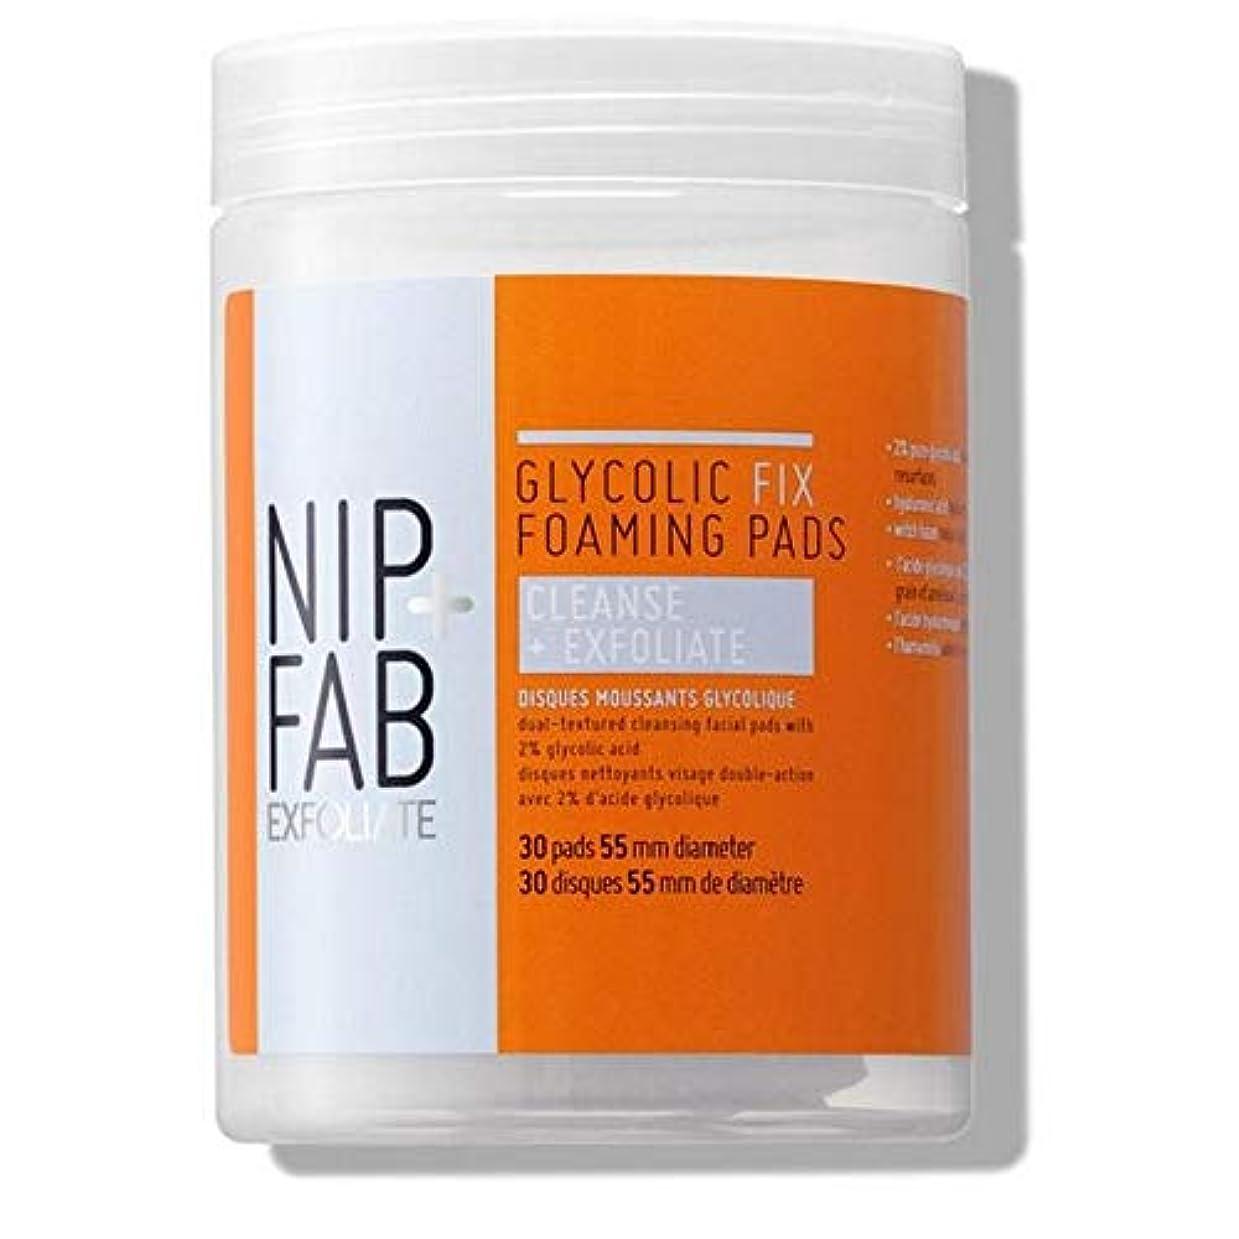 初心者バス階下[Nip & Fab] + Fabグリコール修正発泡パッド95ミリリットルニップ - Nip+Fab Glycolic Fix Foaming Pads 95ml [並行輸入品]